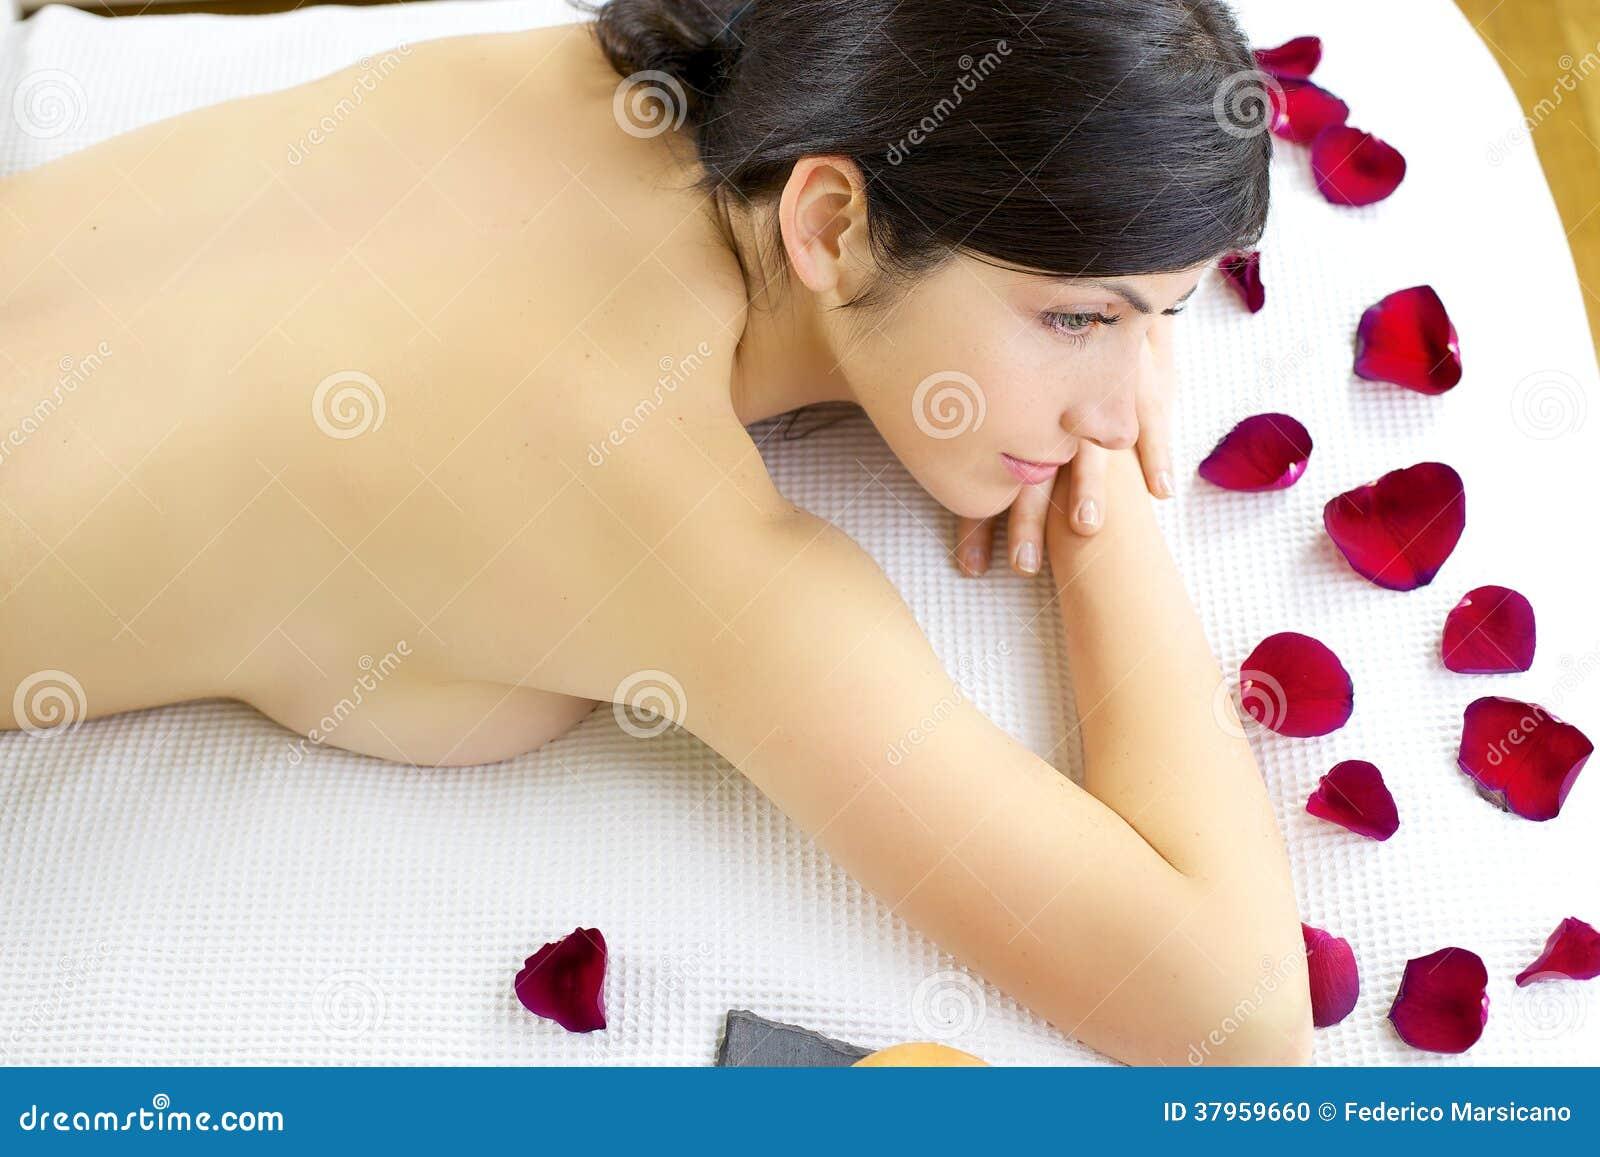 urindische massage vrouwen fotos